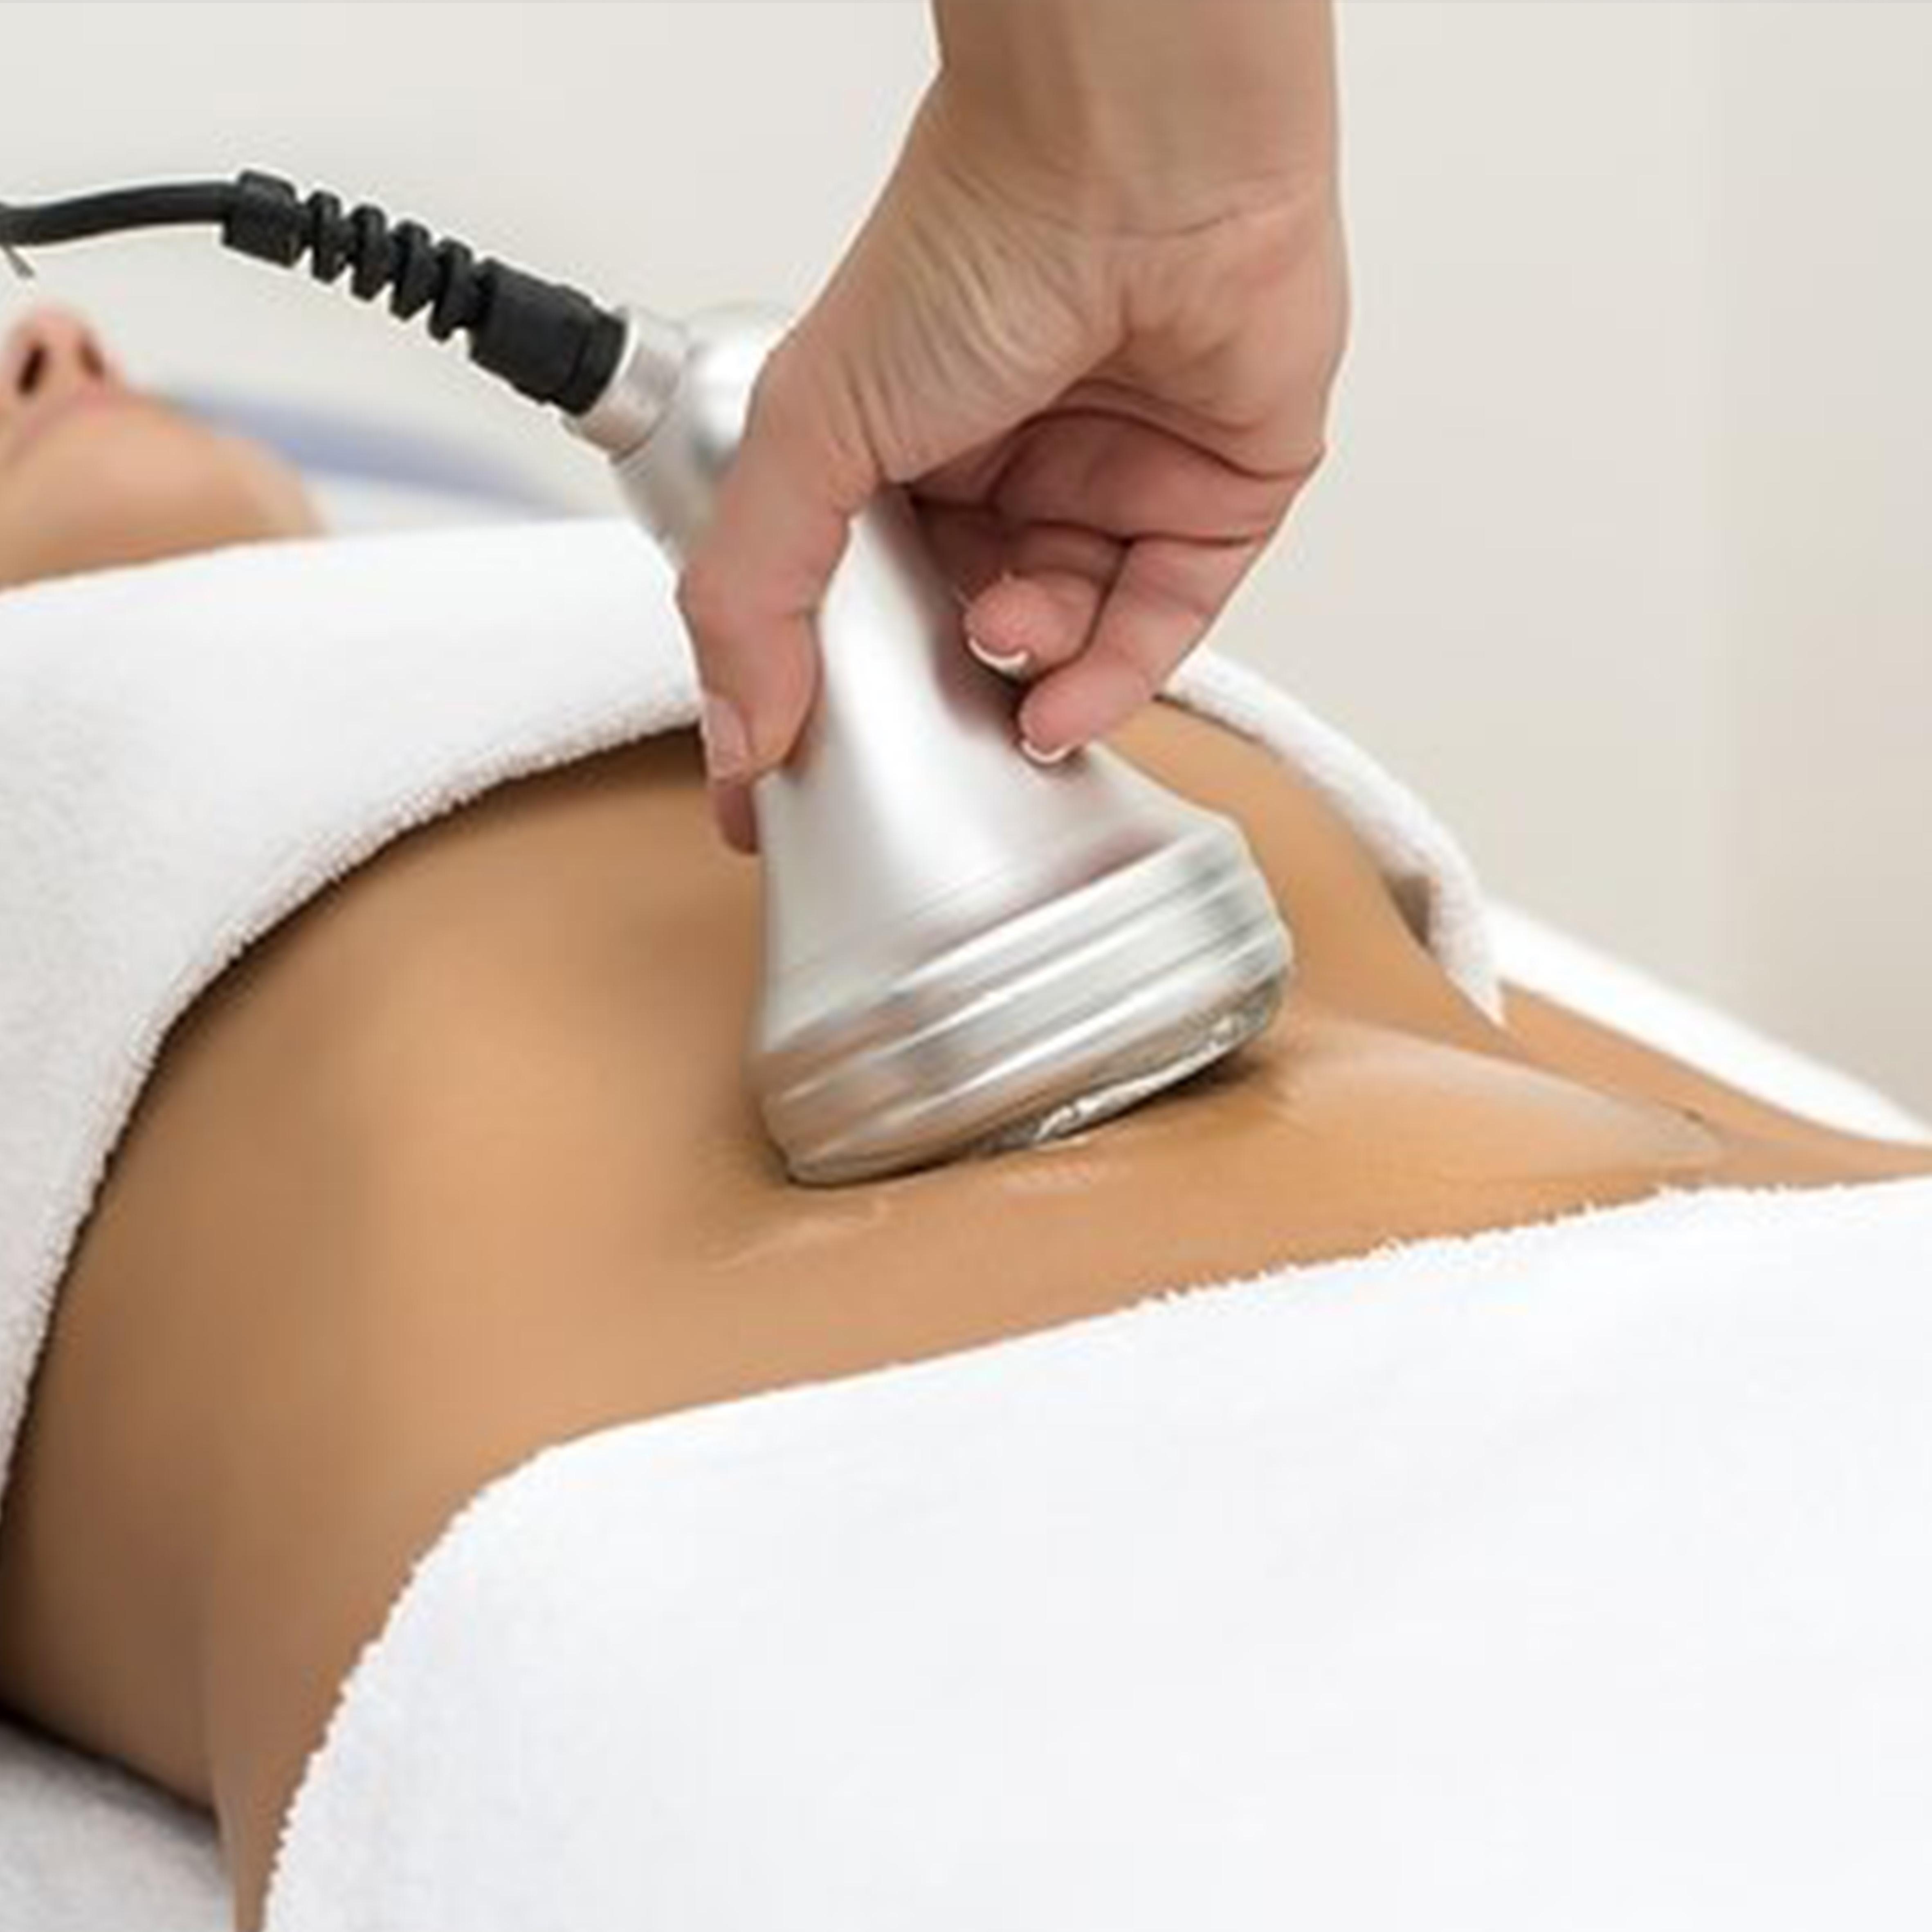 Правильный вакуумный массаж: методика проведения